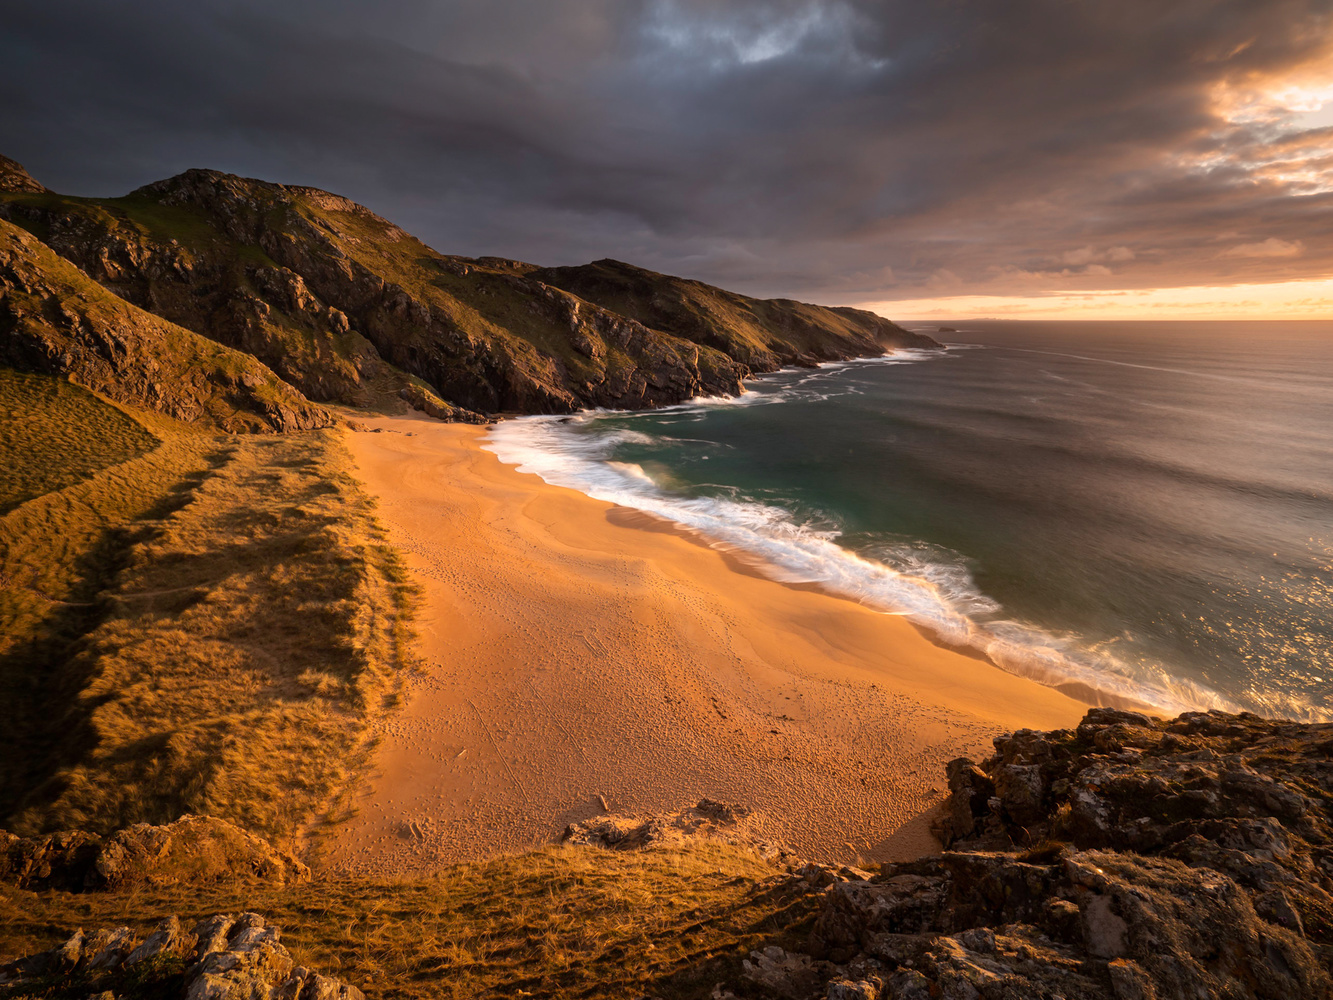 Murder Hole Beach Sunset by Sean O' Riordan